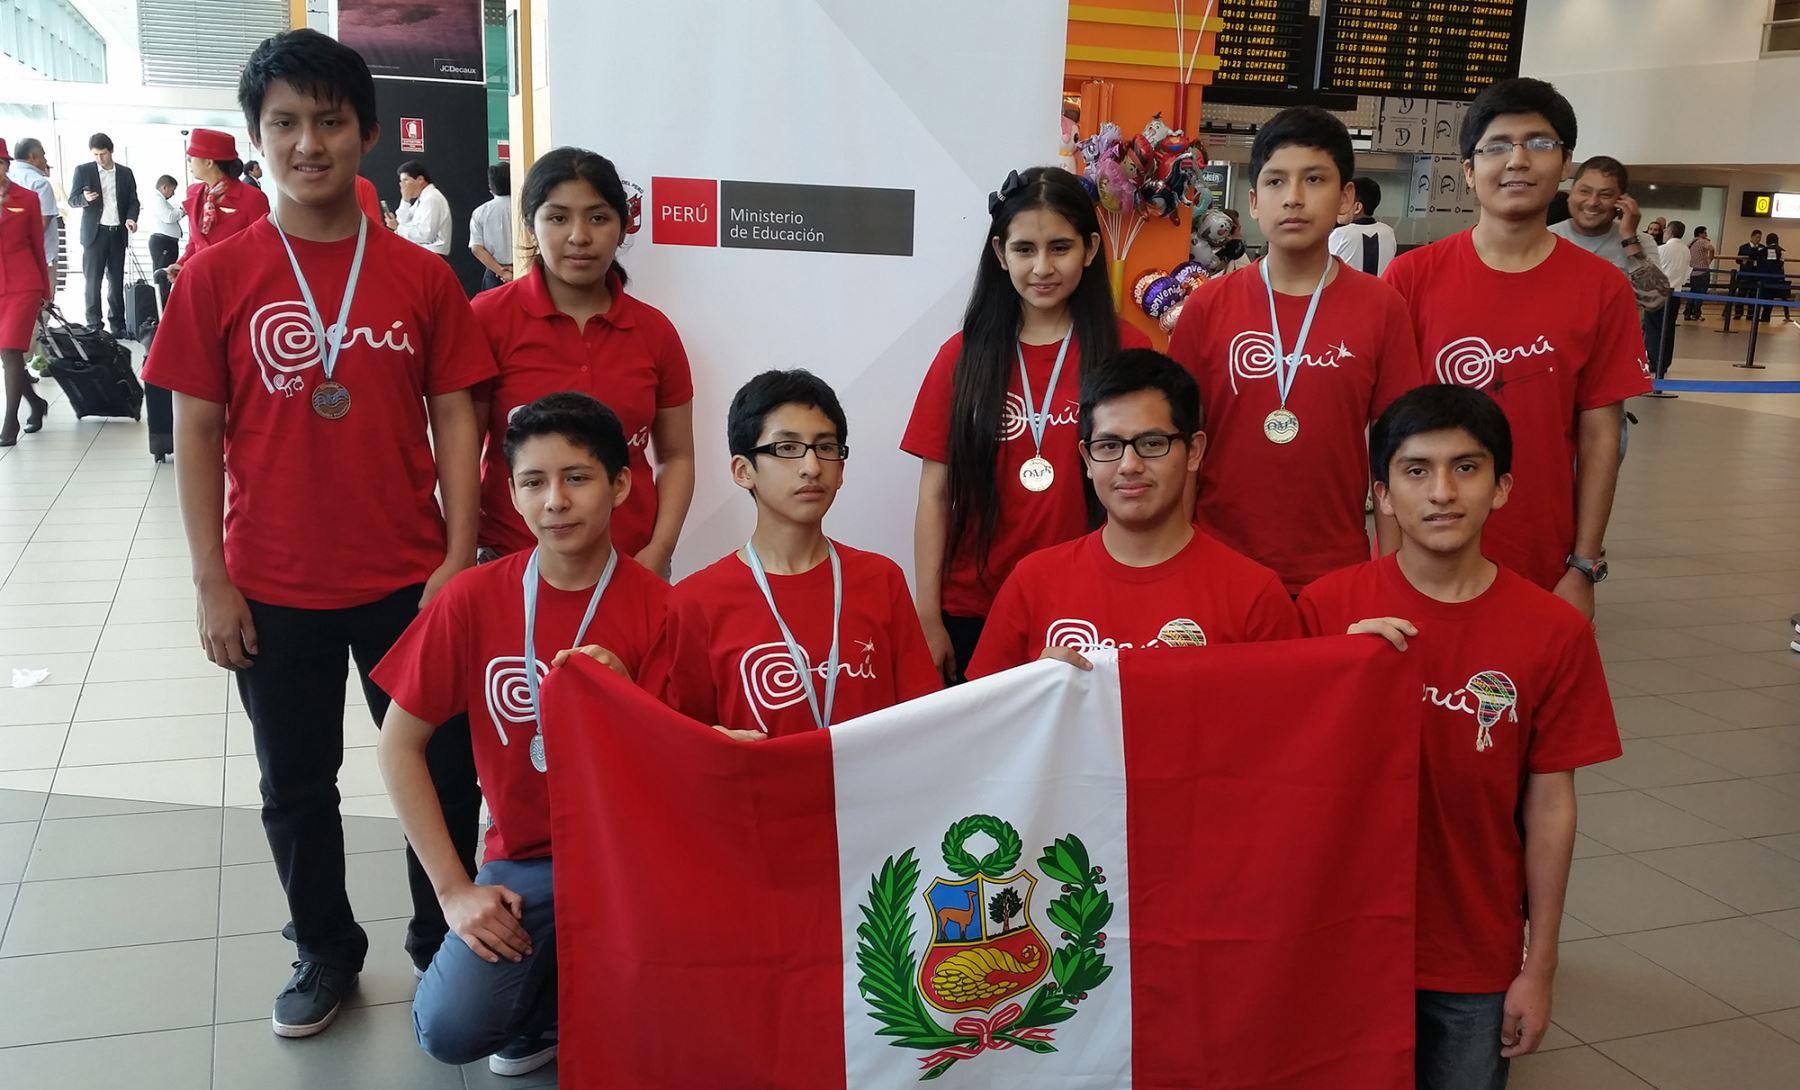 Selección peruana que participó en Olimpiadas Matemáticas Rioplatense. Foto: Andina/Difusión